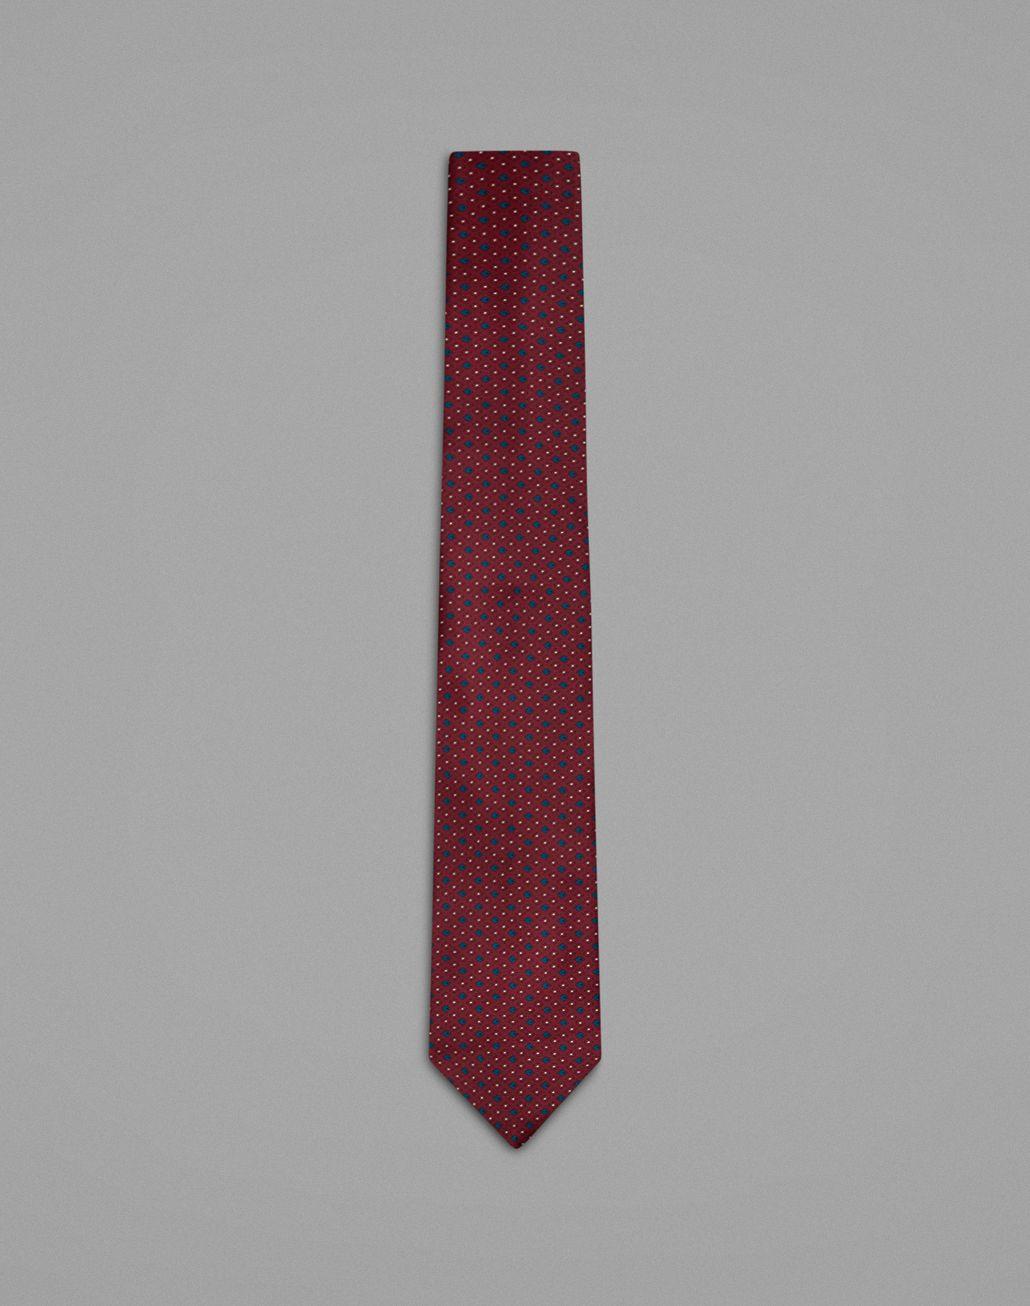 BRIONI Cravate bordeaux avec motif géométrique Cravate Homme f